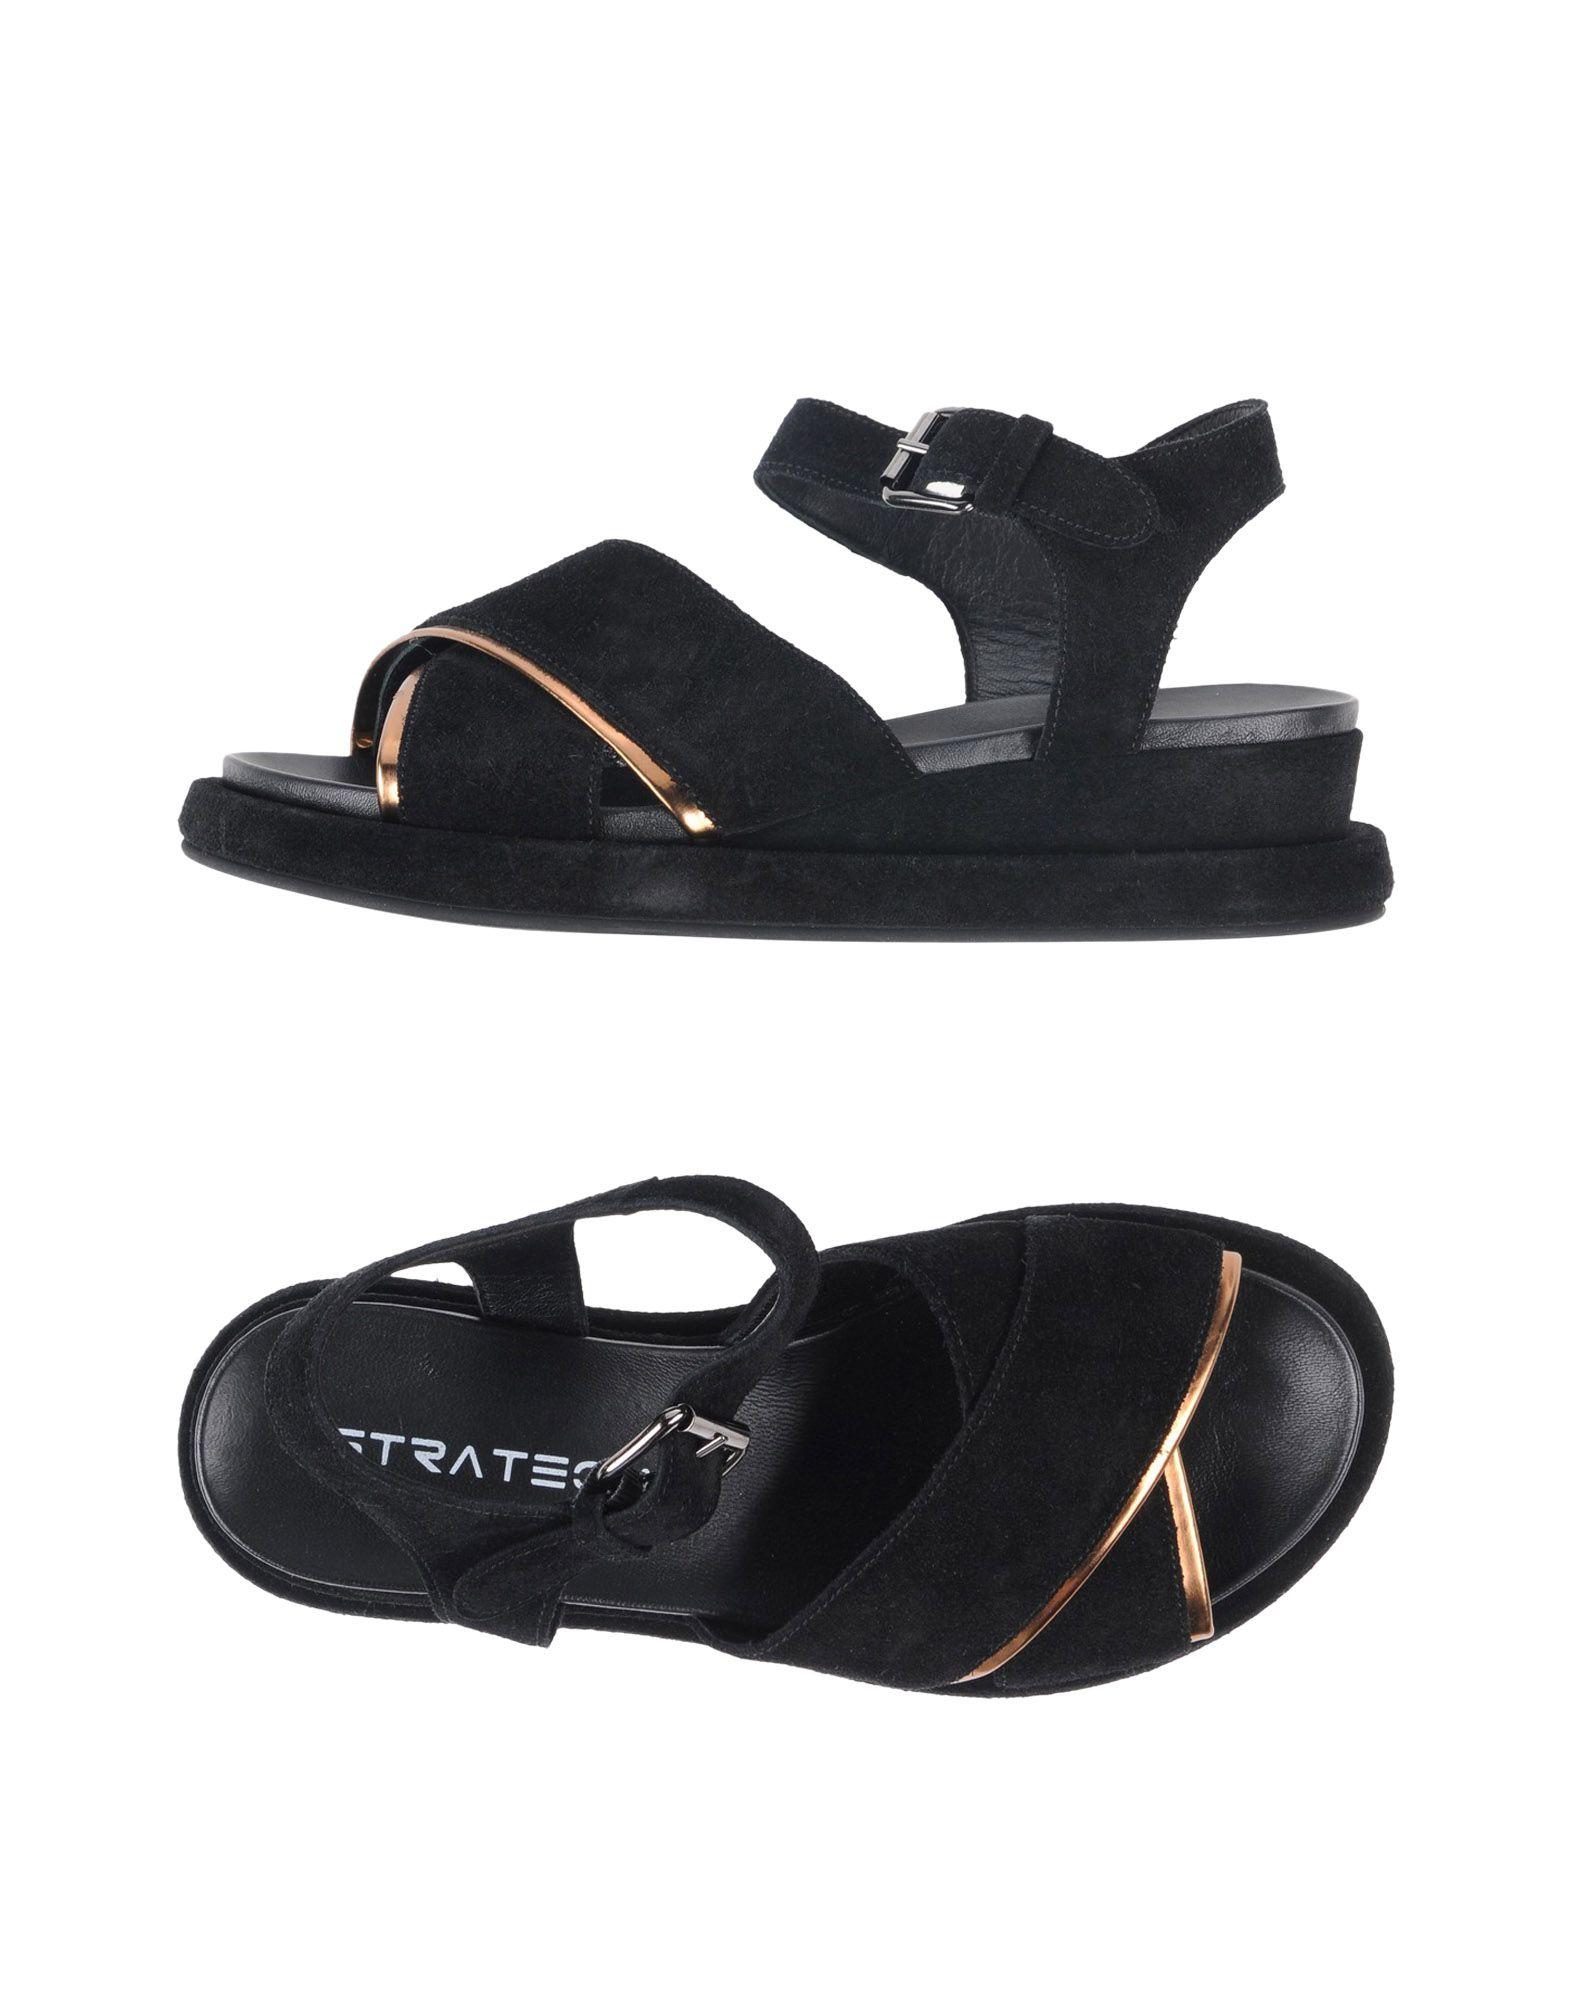 Strategia Sandalen Damen beliebte  11424362SK Gute Qualität beliebte Damen Schuhe f31784